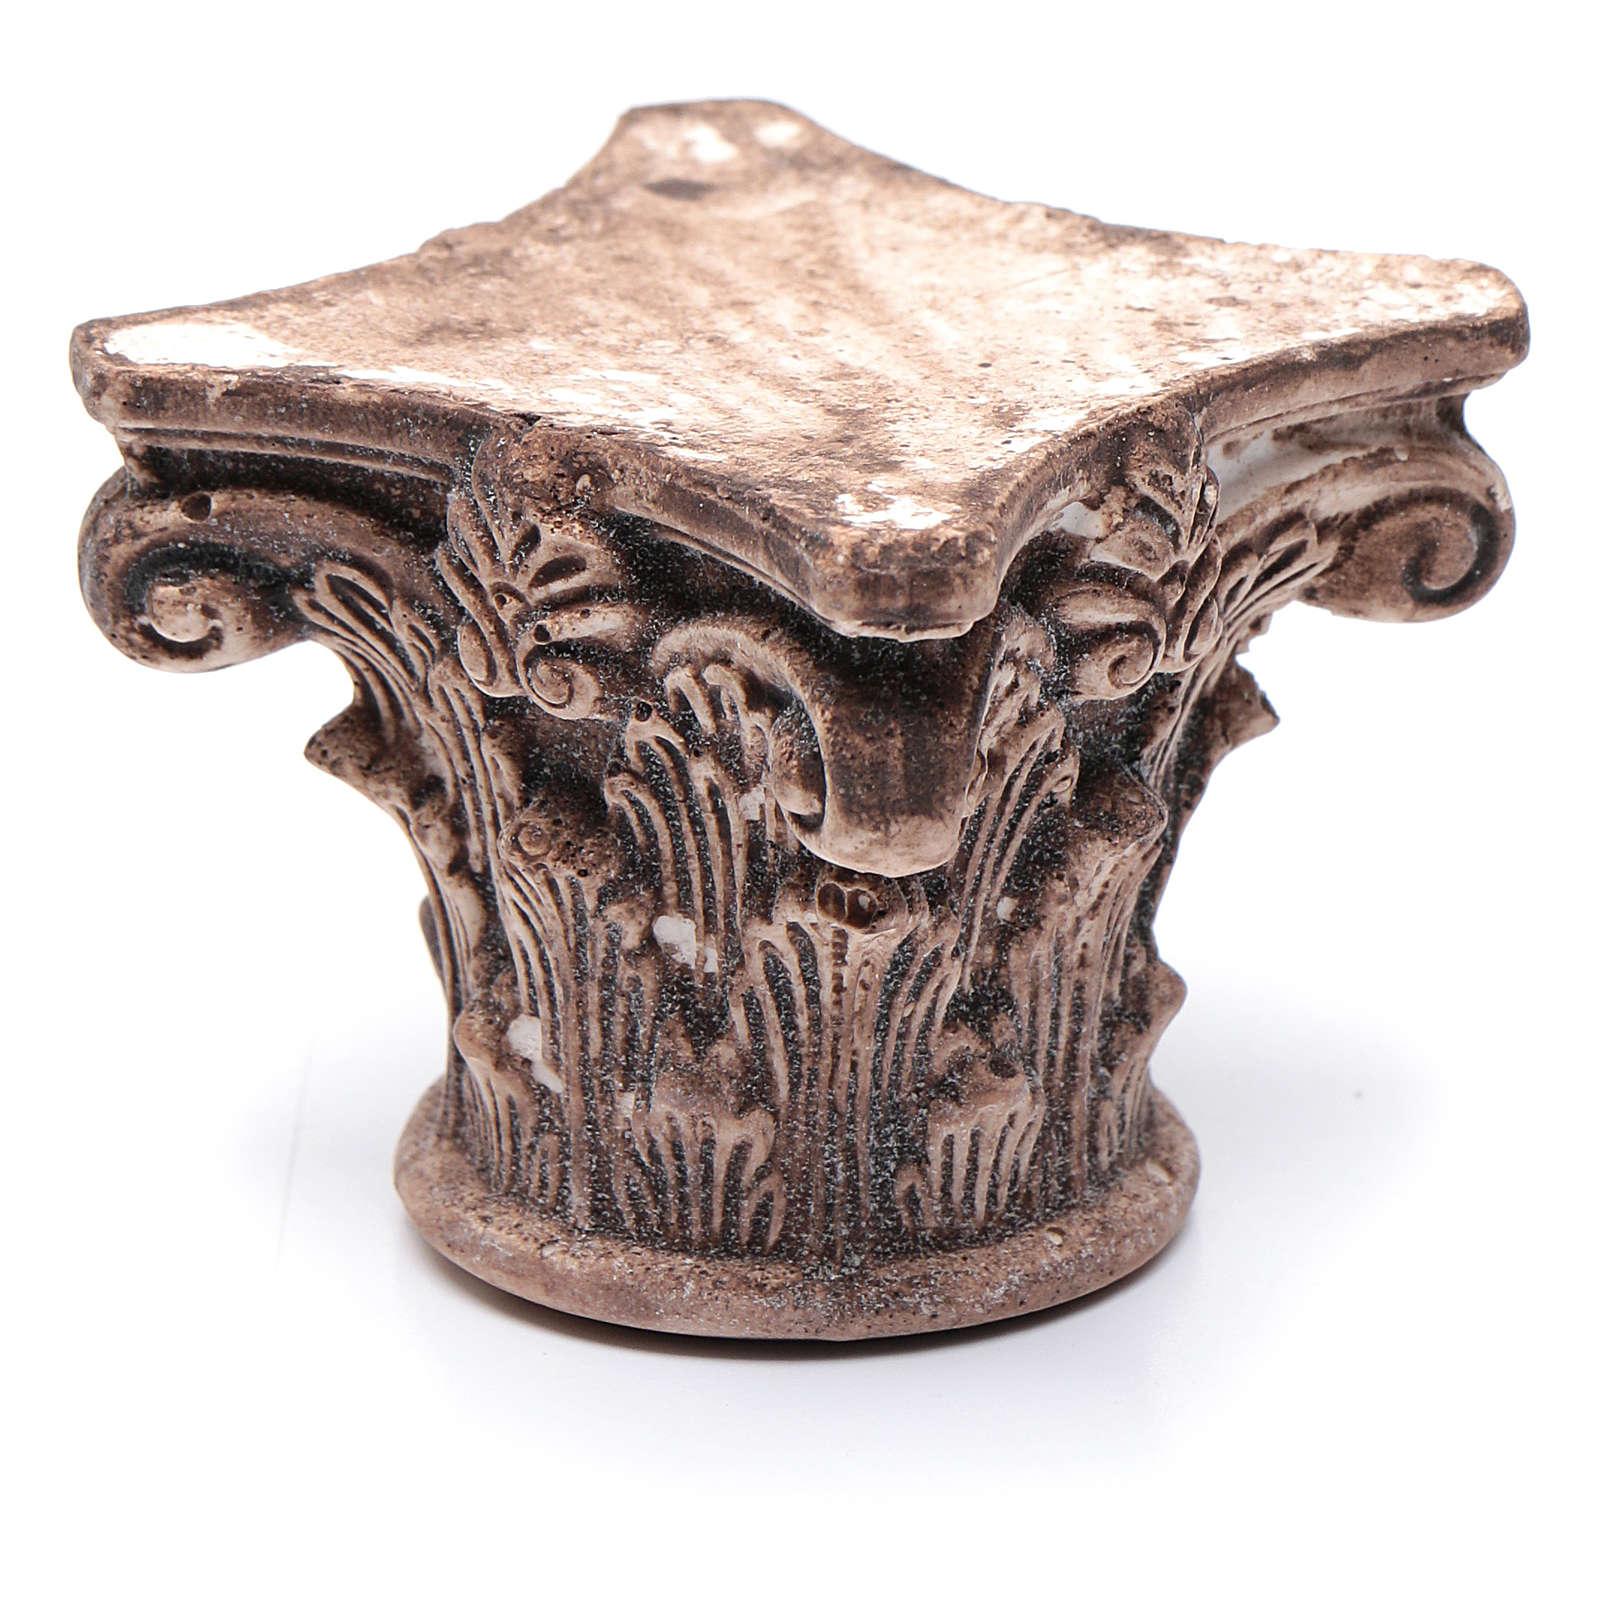 Capitello corinzio antico resina 5x5x5 cm presepe fai da te 4